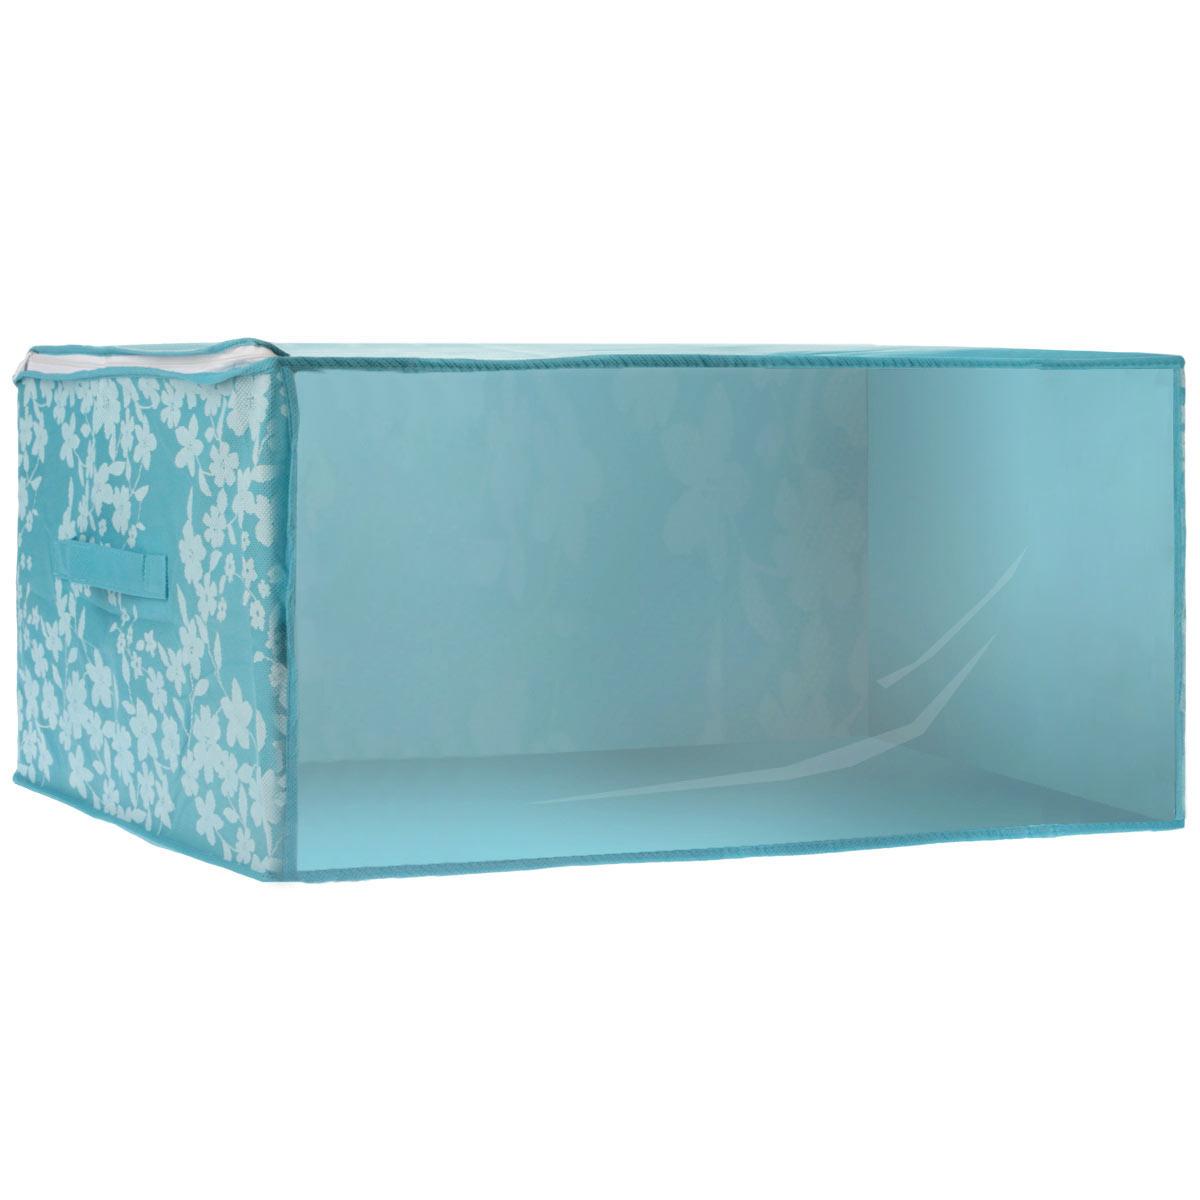 Чехол для хранения одеял Voila Спринг, цвет: бирюзовый, 45 см х 45 см х 20 смCOVLCATSP5Складывающийся чехол Voila Спринг из дышащего нетканого волокна, предназначен для хранения, транспортировки и переноски больших двуспальных пуховых одеял. Имеет прозрачное окно и замок по периметру чехла, а также ручку для переноски. Материал можно протирать в случае загрязнения влажной салфеткой или тряпкой. Надежно защищает от пыли, моли, солнечных лучей и загрязнения. Нетканый материал чехла пропускает воздух, что позволяет изделиям дышать. Это особенно необходимо для изделий из натуральных материалов. Благодаря такому чехлу, вещи не впитывают посторонние запахи. Застегивается на молнию.